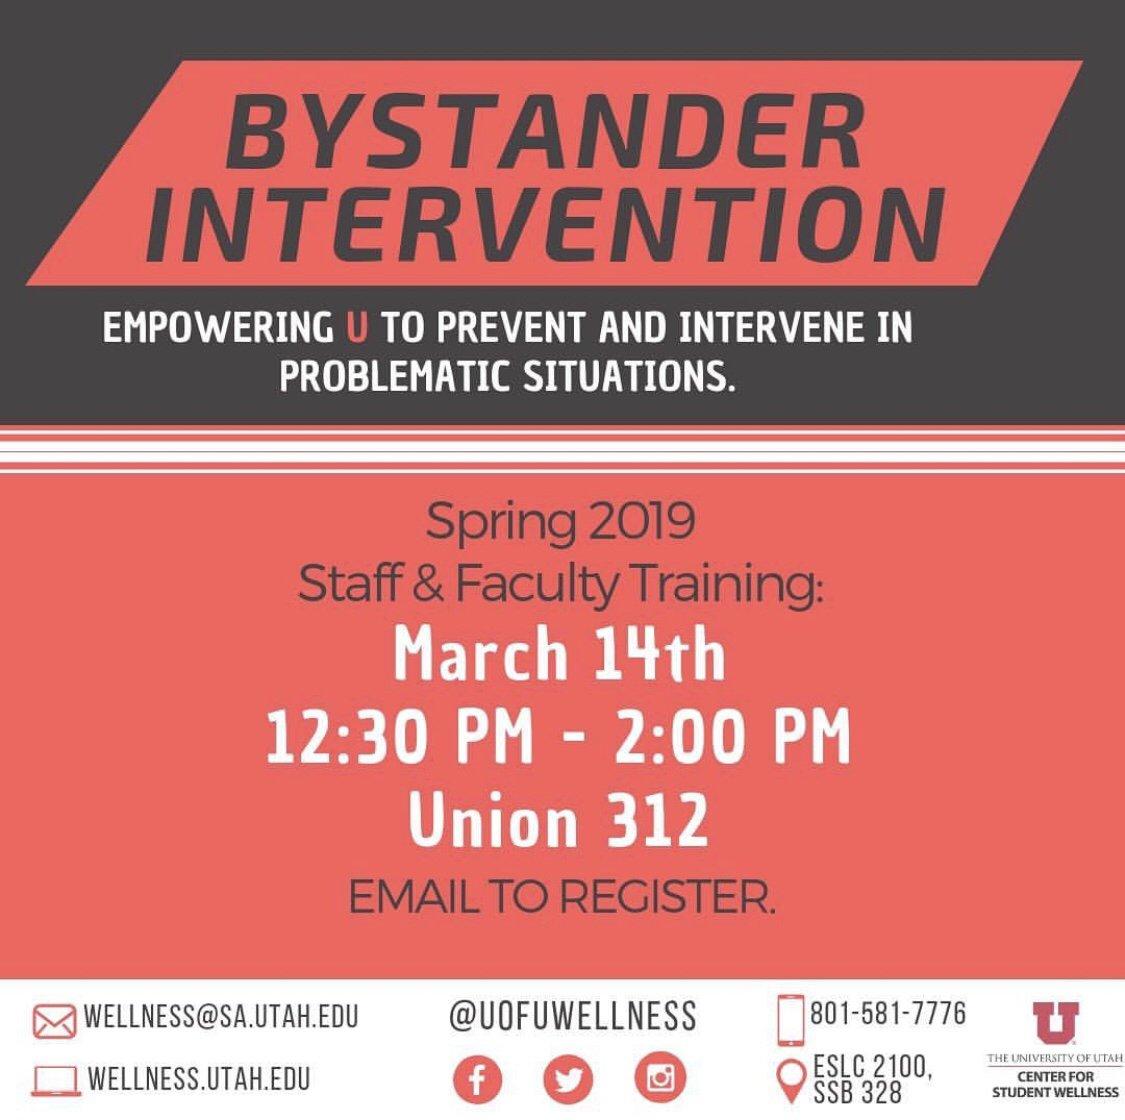 University of Utah on Twitter: